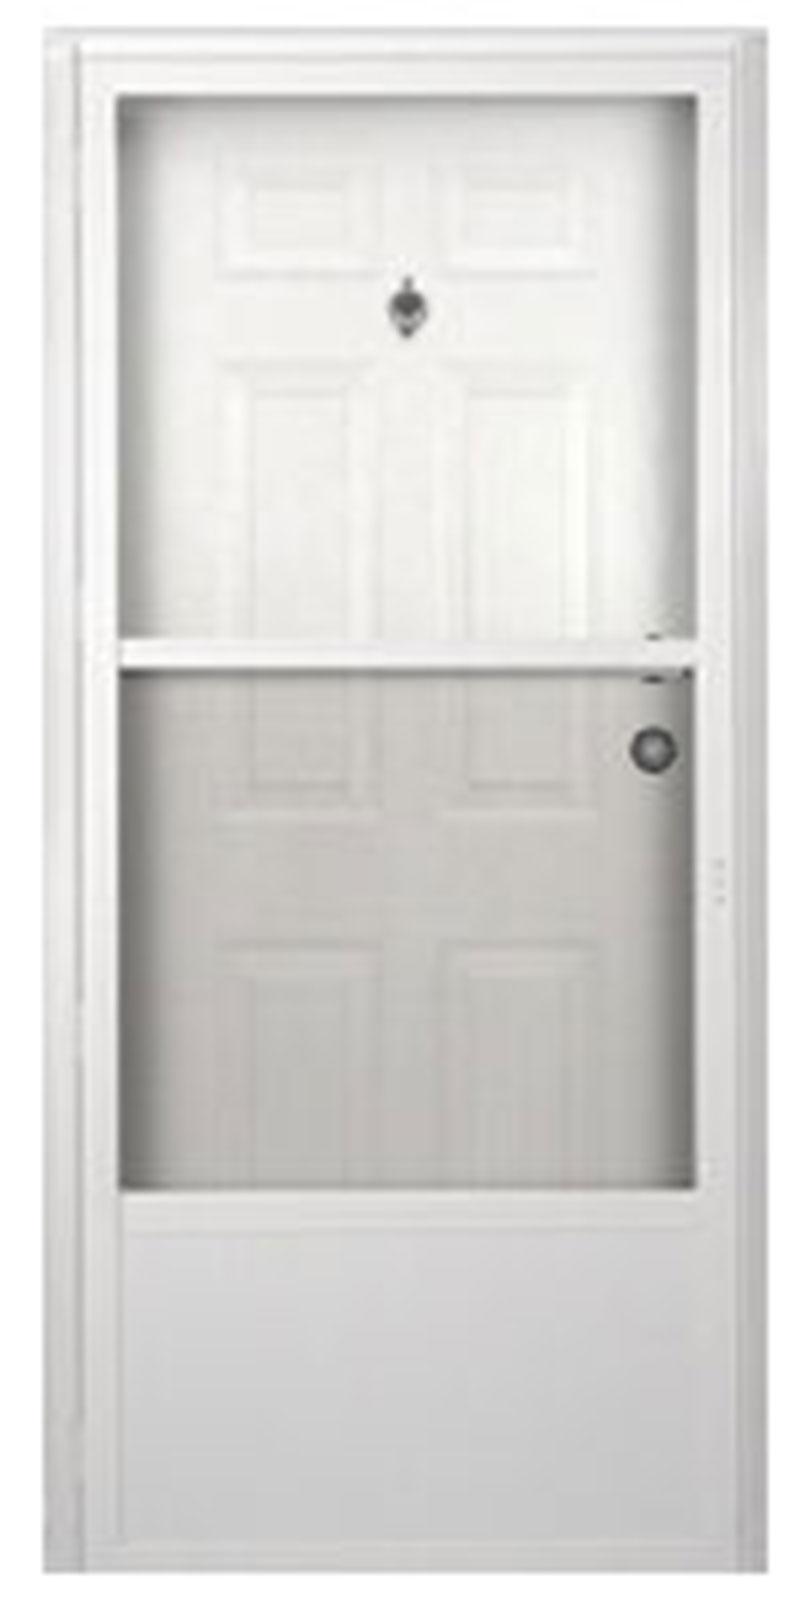 1. Six Panel Steel Combination Mobile Home Exterior Door